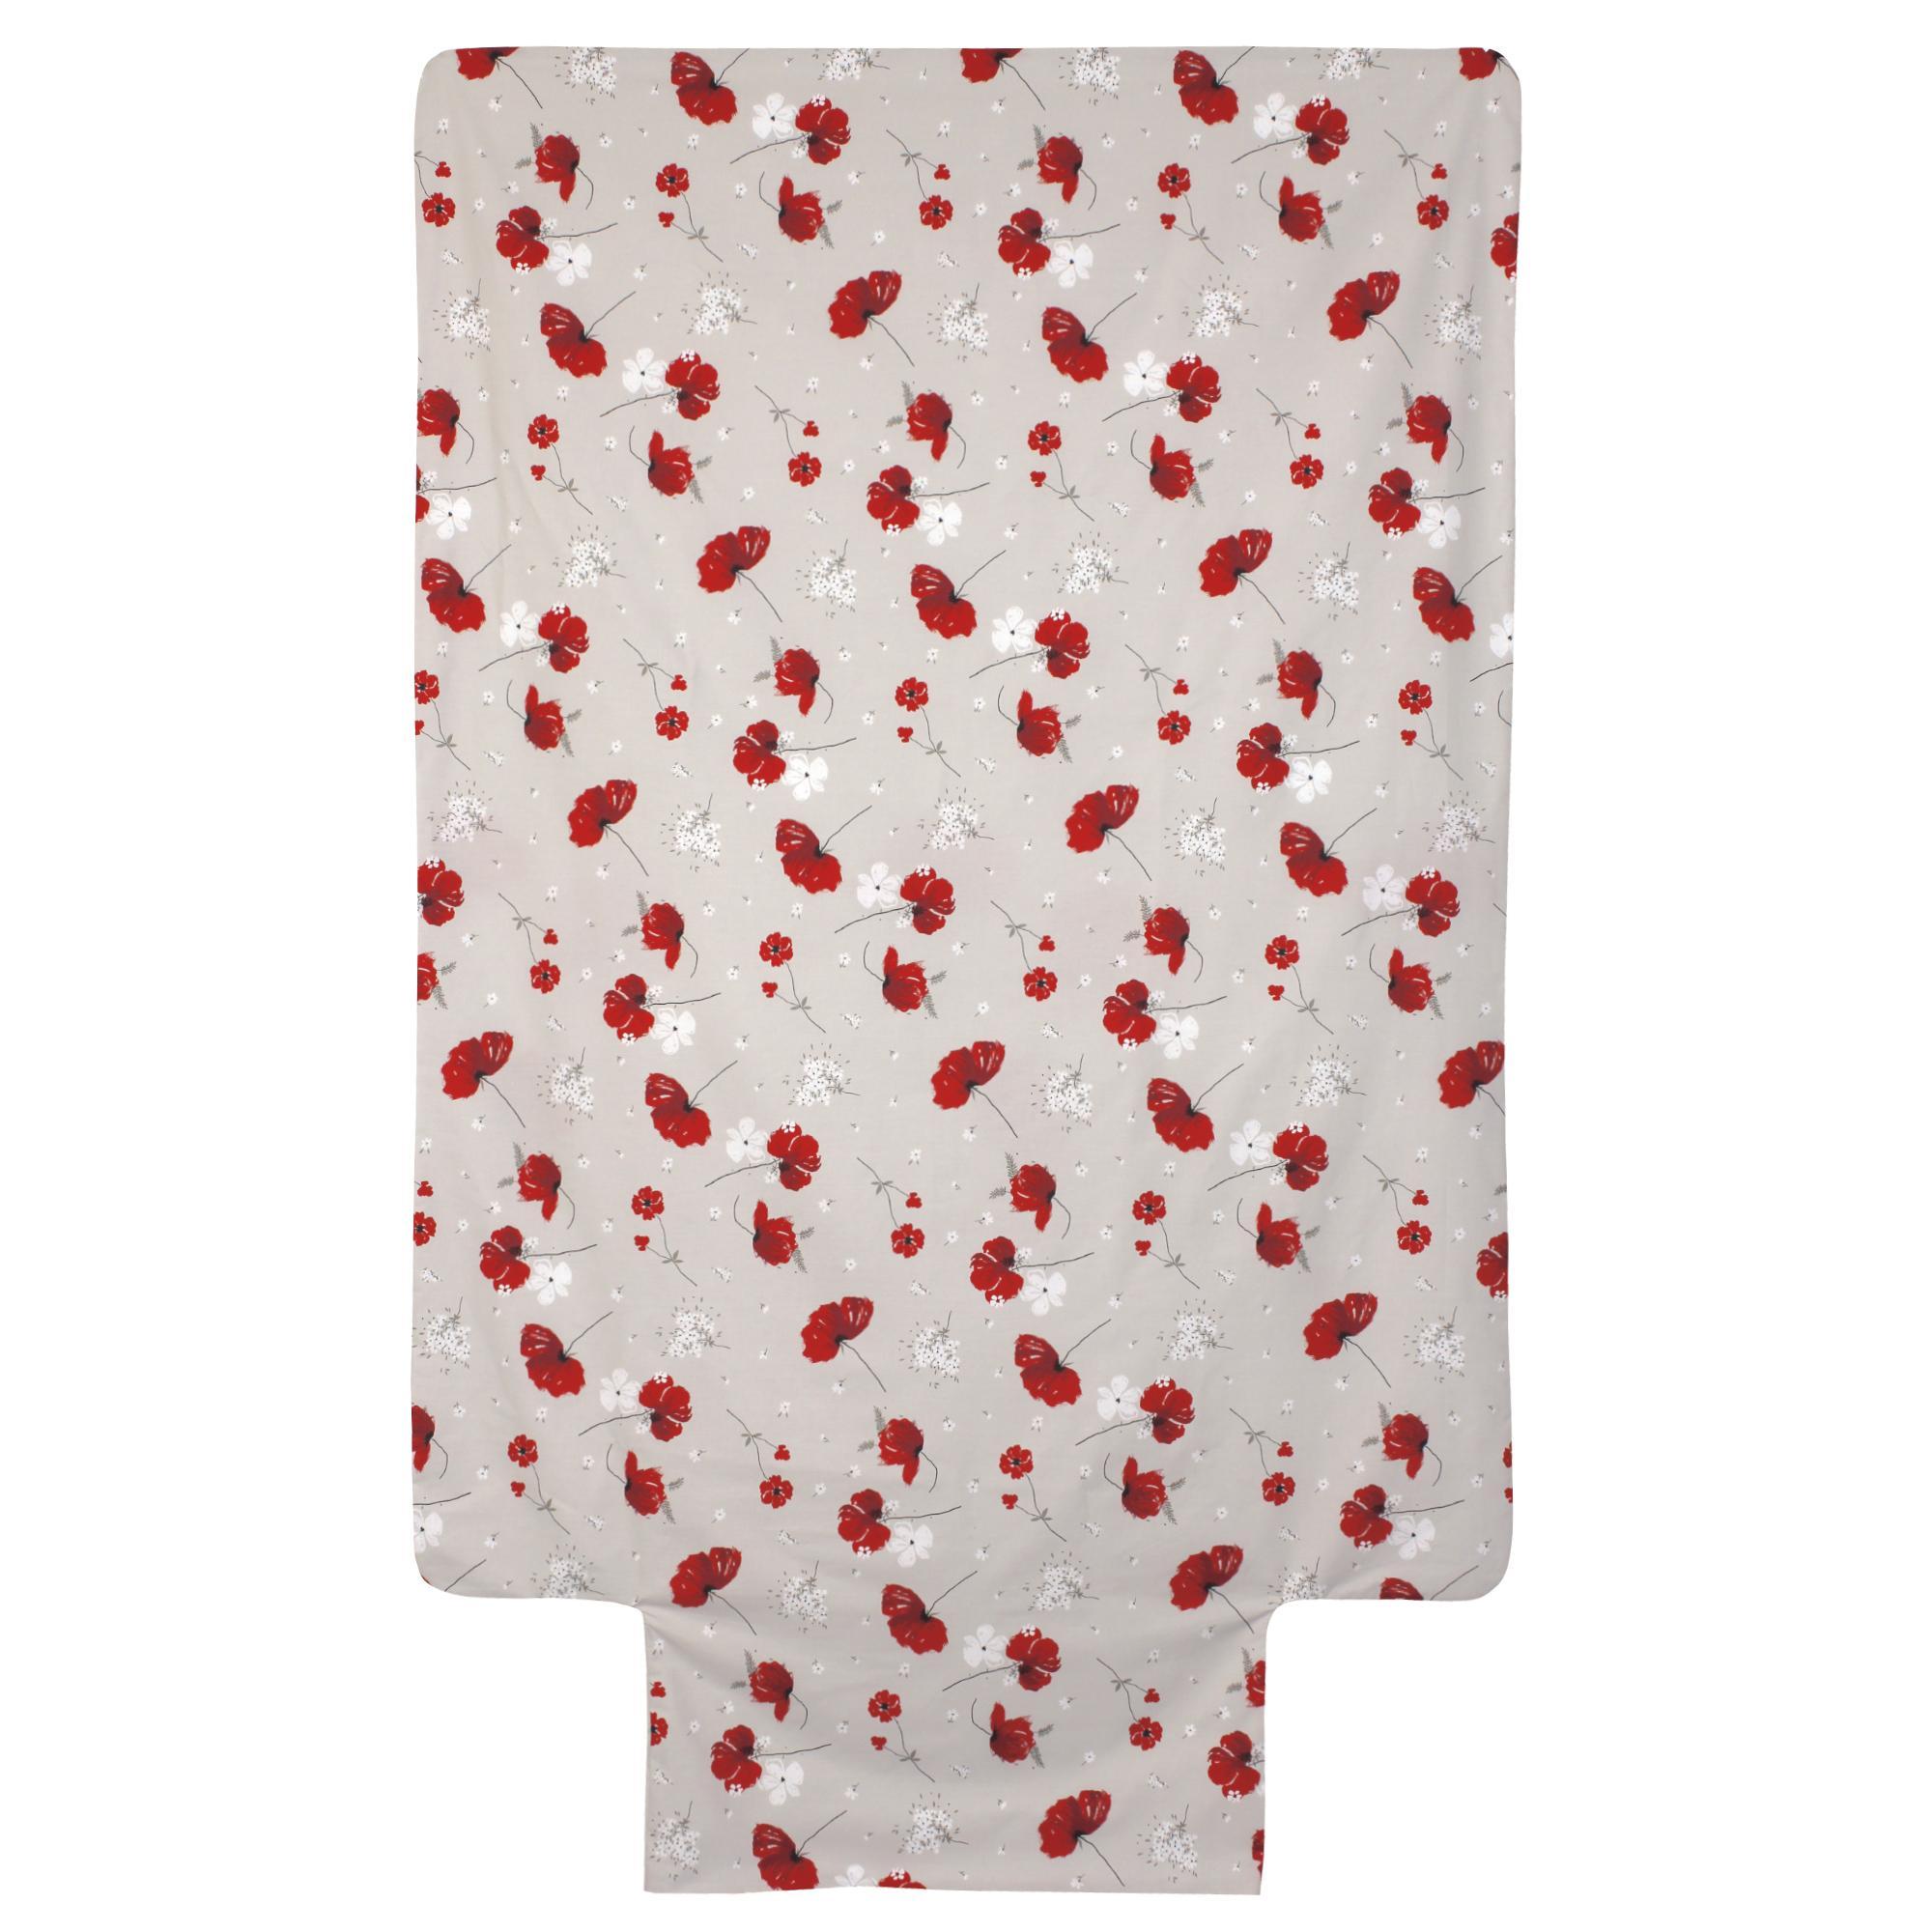 Housse De Couette 140x200 Cm Percale Pur Coton Cybele Flowers Ecru